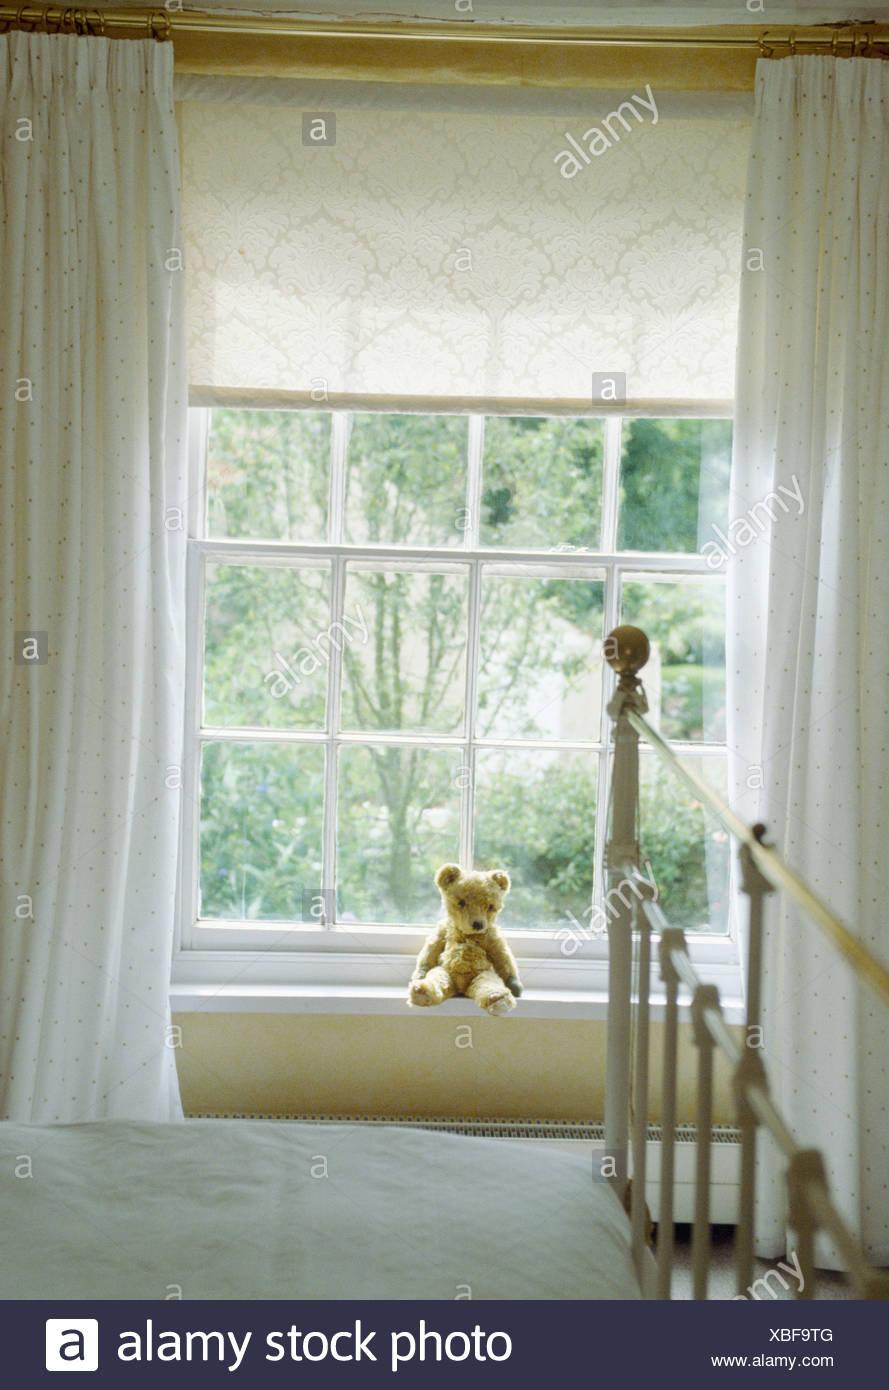 Weisse Vorhange Und Sahne Blind Auf Fenster Mit Fensterbrett In Weissen Land Schlafzimmer Mit Messing Bett Stockfotografie Alamy